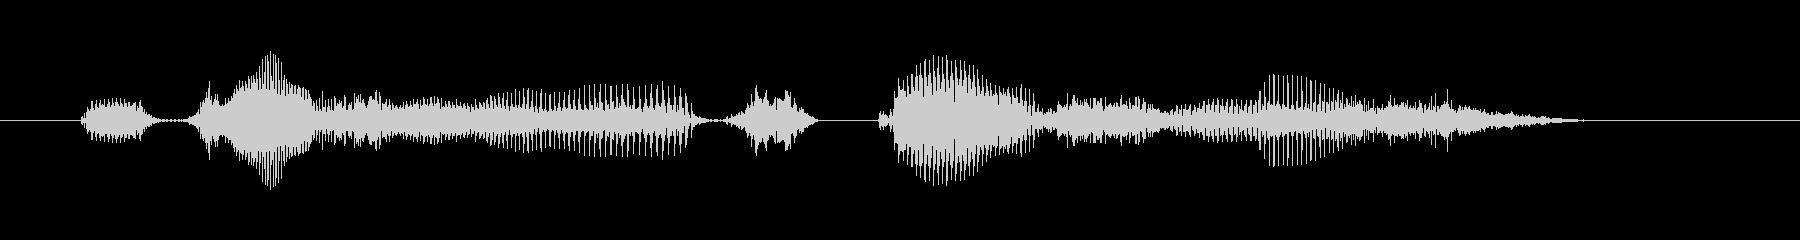 【時報・時間】1時をお伝えしますの未再生の波形